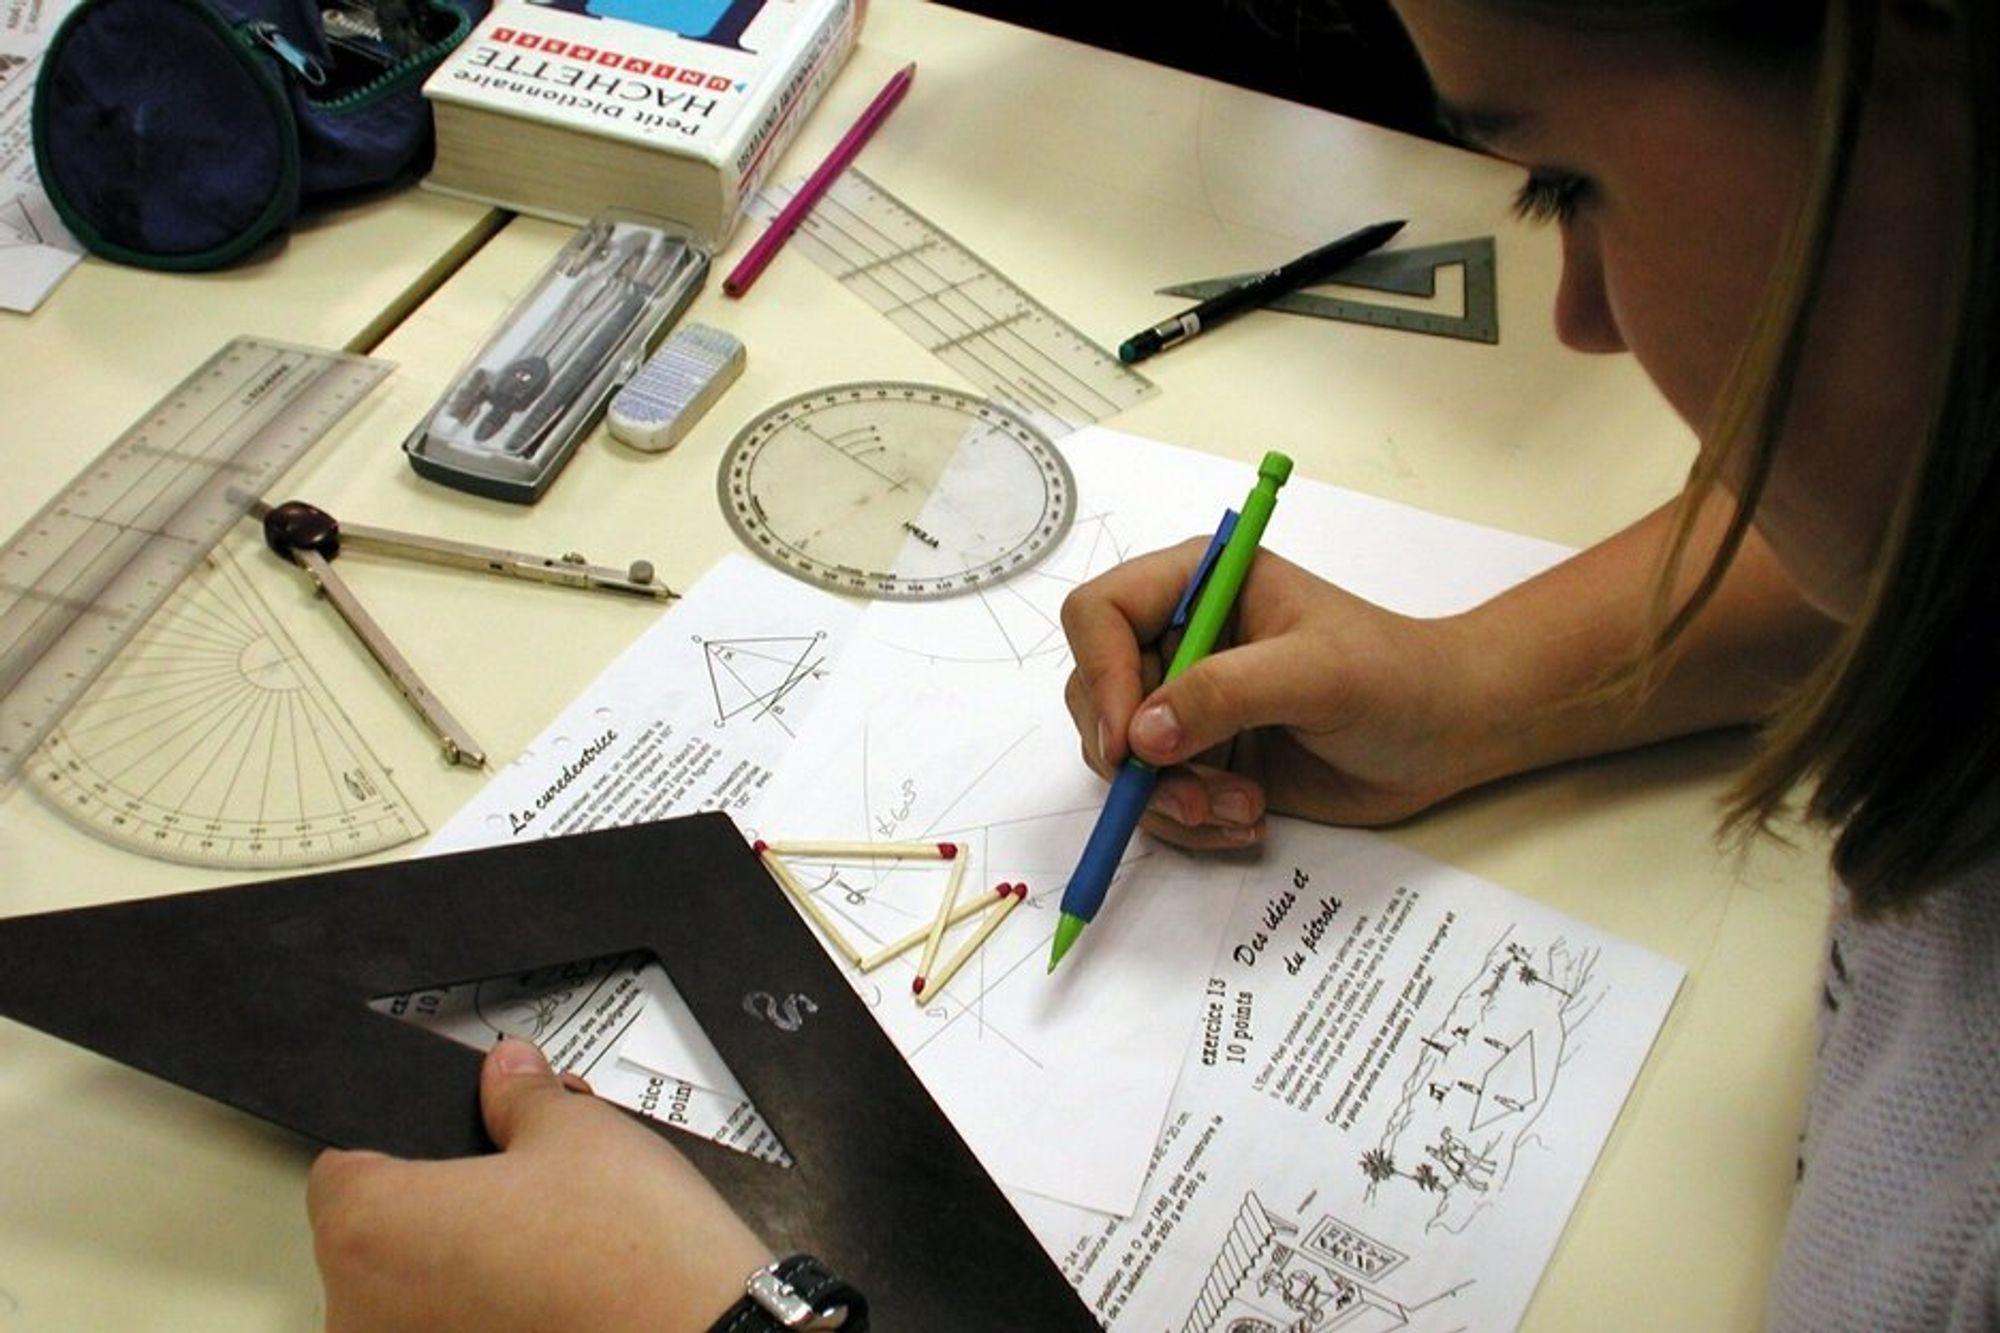 Digitale ferdigheter er ifølge Kunnskapsløftet like viktige som lesing og regning, men blir nedprioritert i skolen.